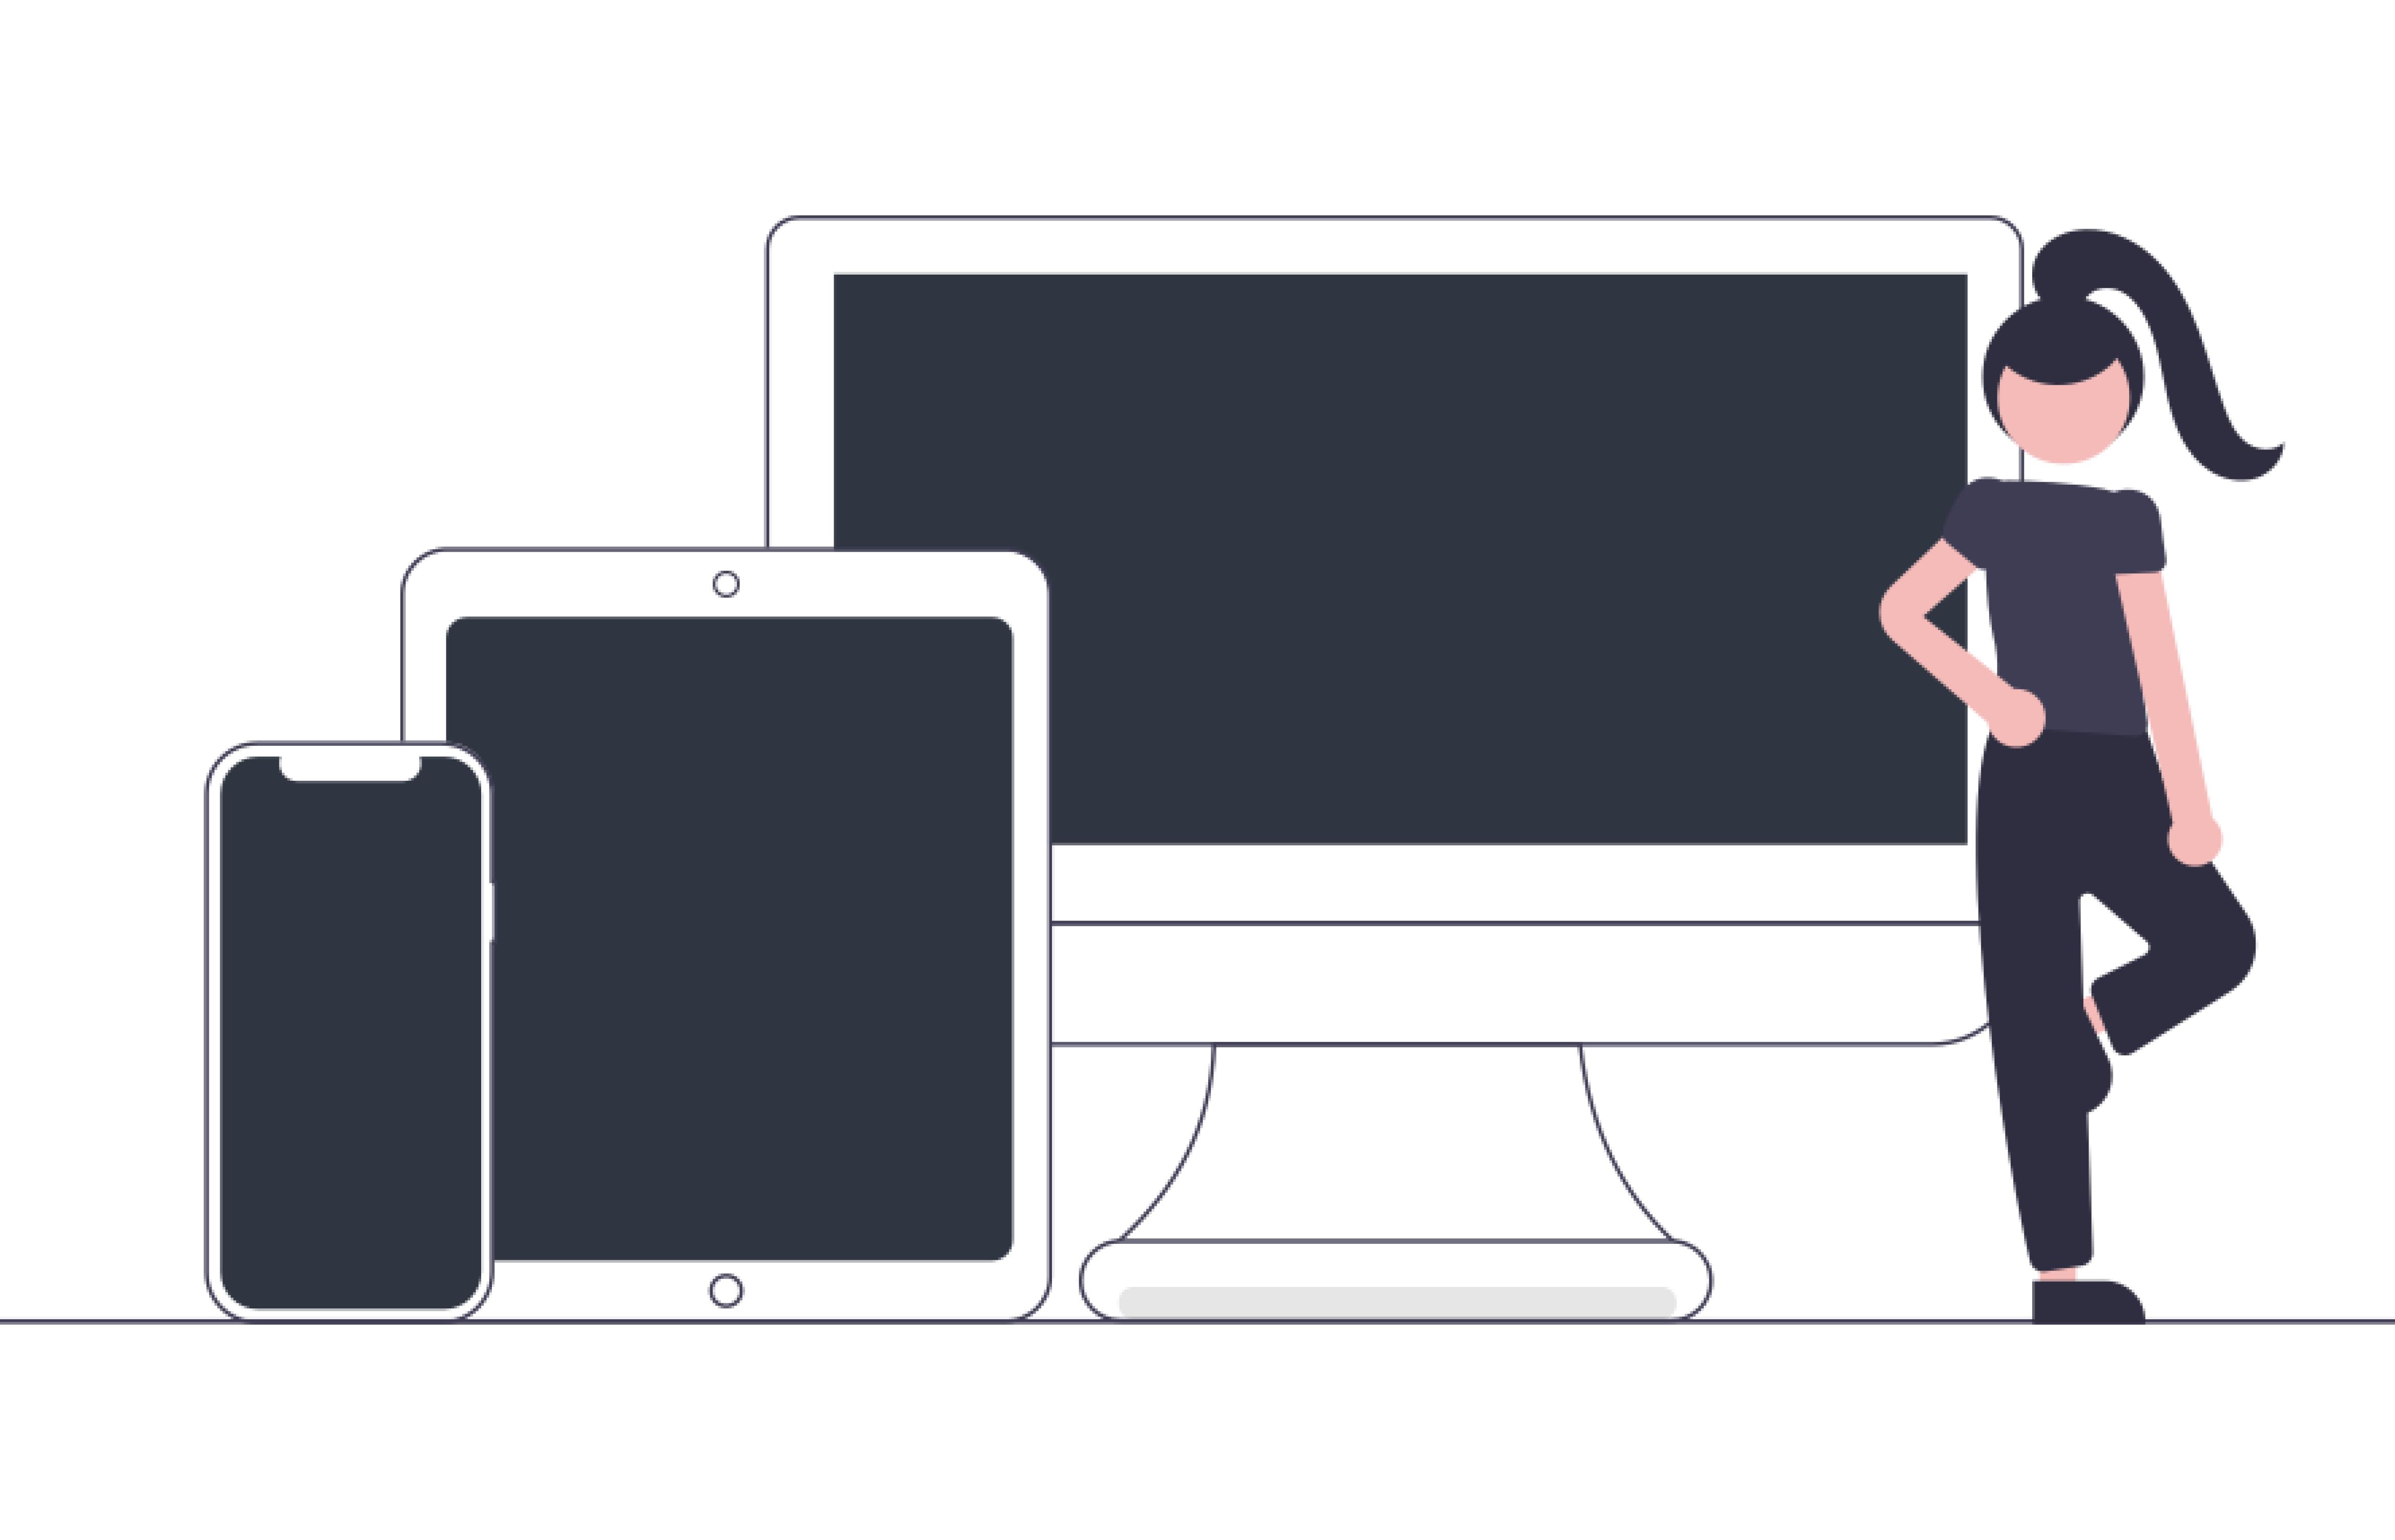 So wichtig ist es, Benutzer aller Endgeräte mit einem responsiven Webdesign gleichzeitig und effizient zu bedienen.